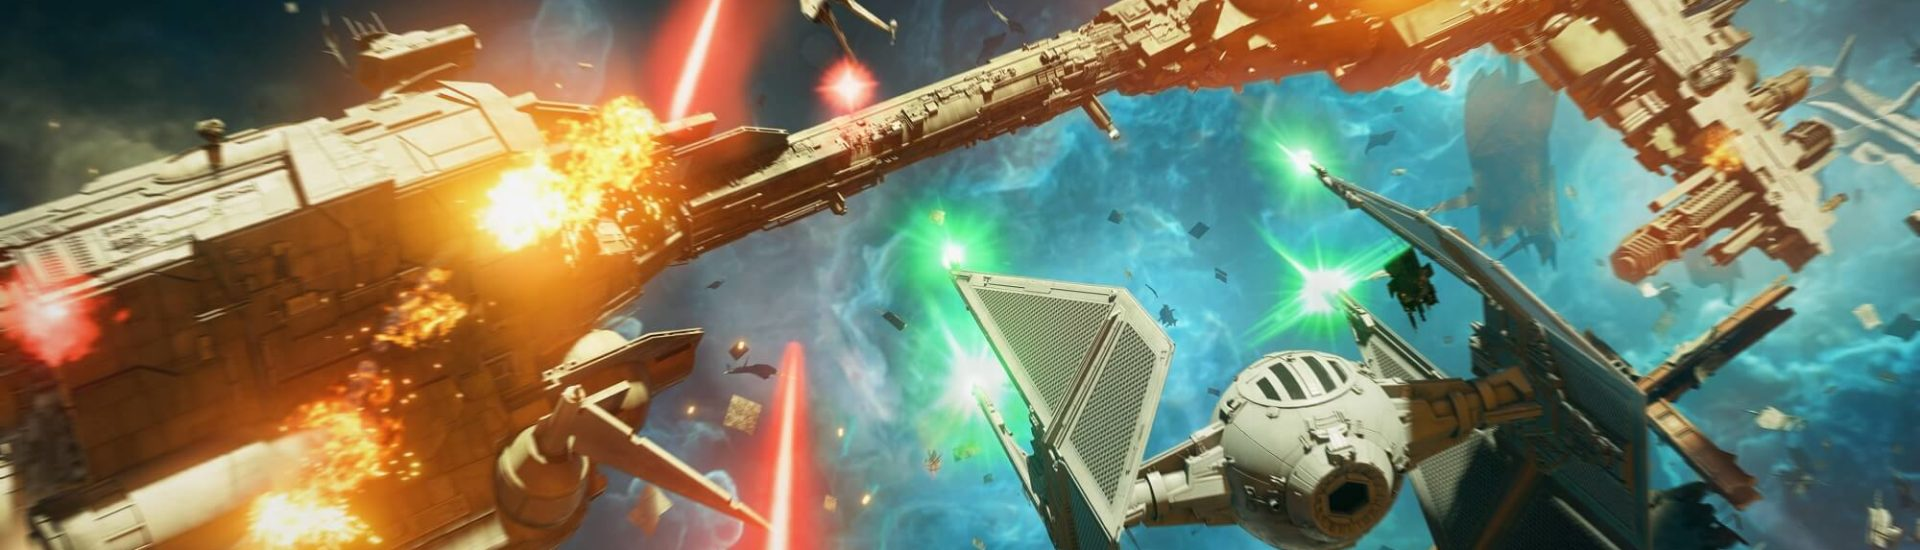 Star Wars: Squadrons – Gänsehautmomente und böse Rebellen?